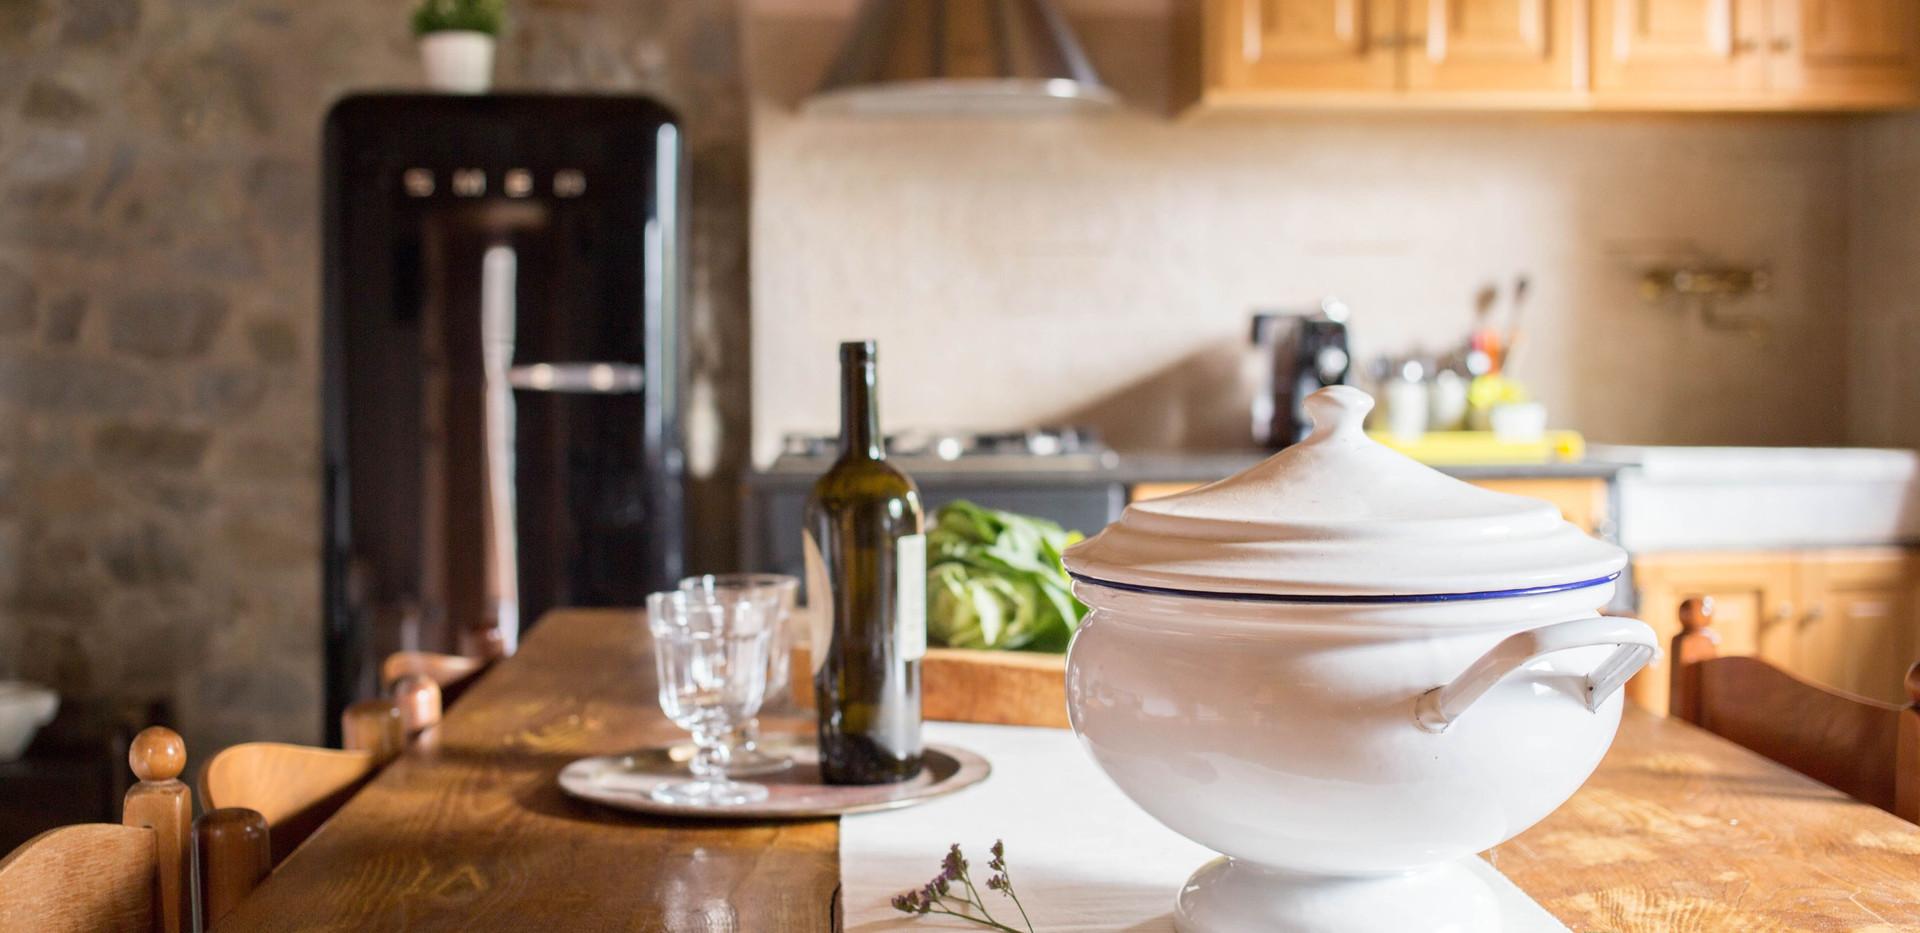 Soggiorno Cucina 1-2.jpg